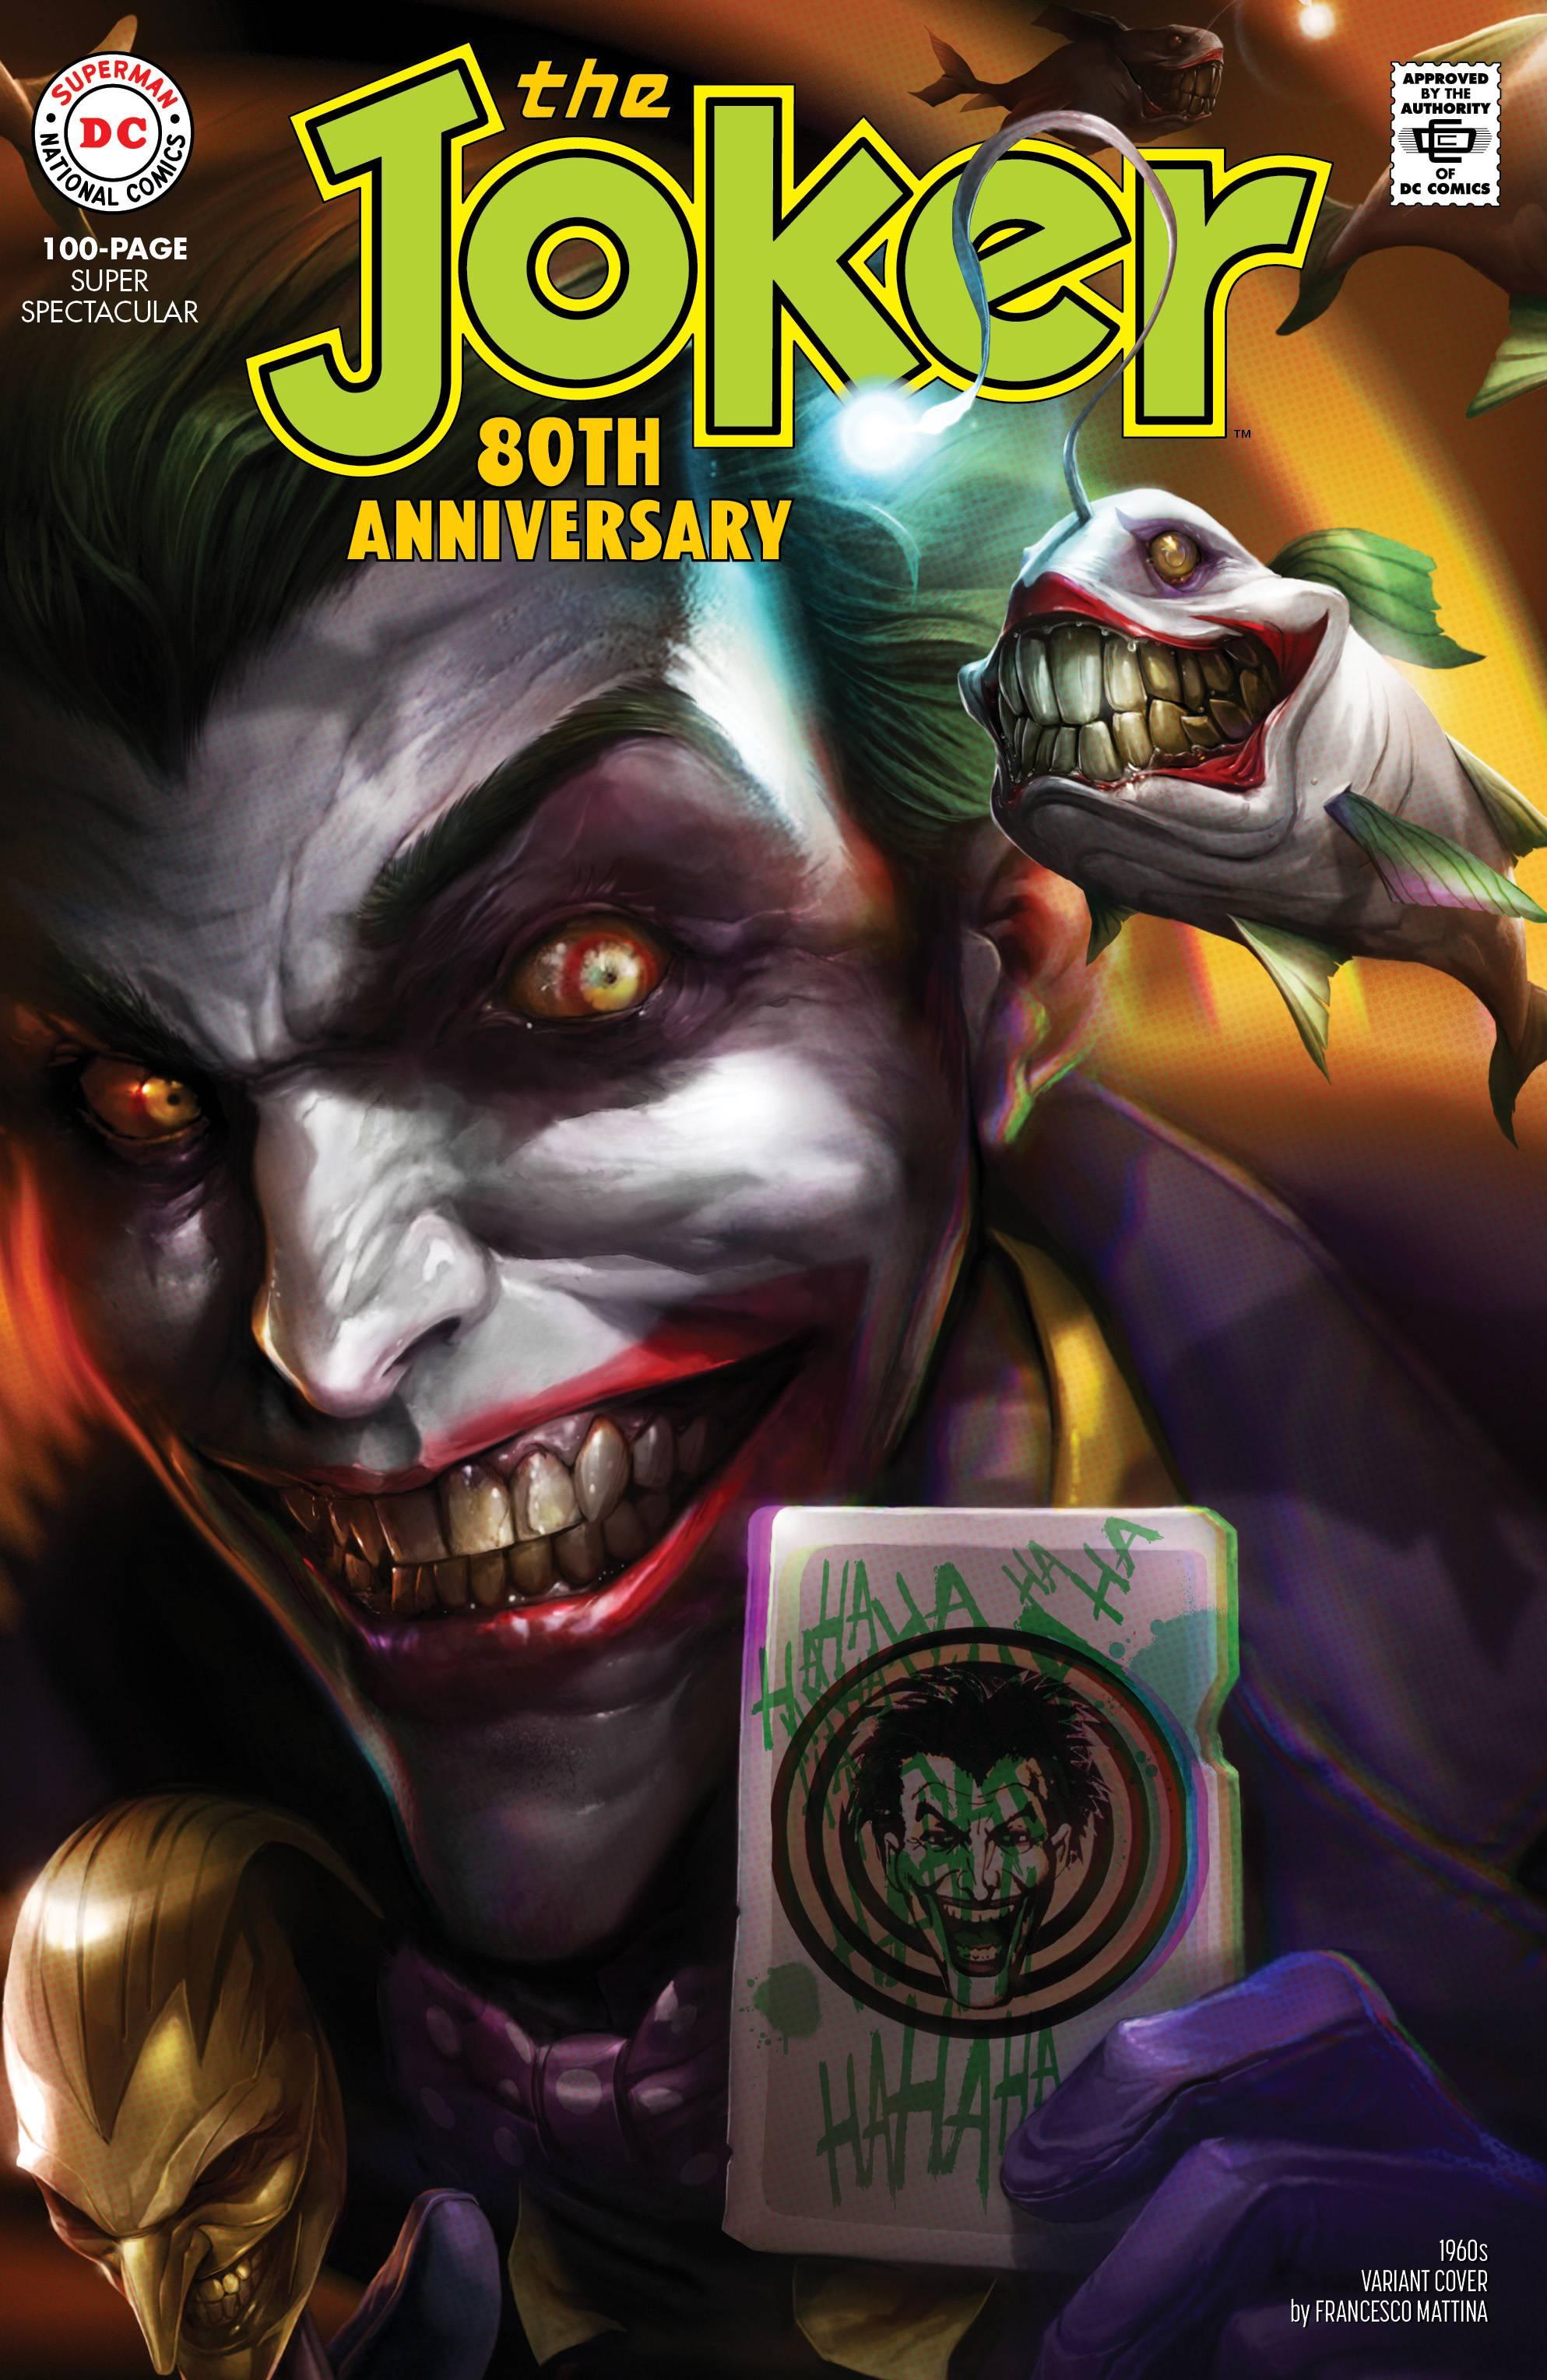 Joker 80th Anniv 100 Page Super Spect #1 1960s F Mattina Cover